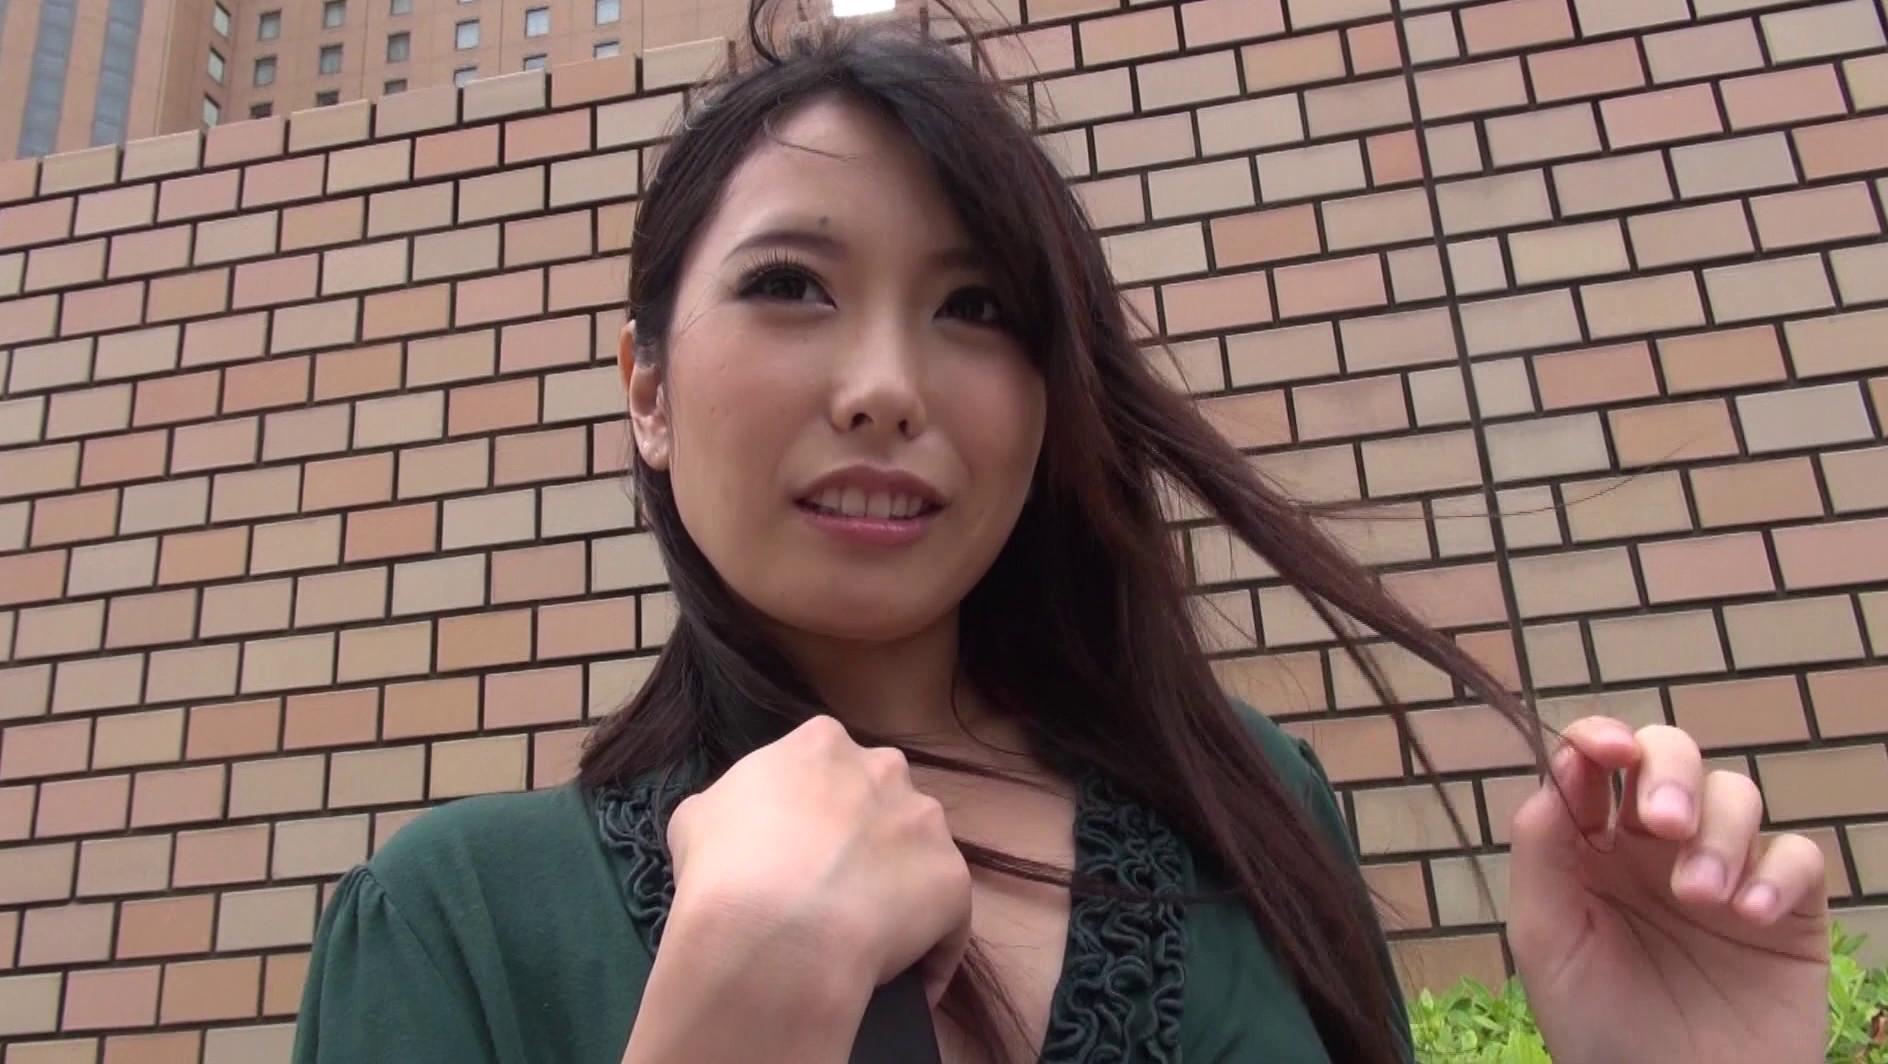 【独占放送】かわいい素○娘をナンパしてハメる! 4時間 Vol.21